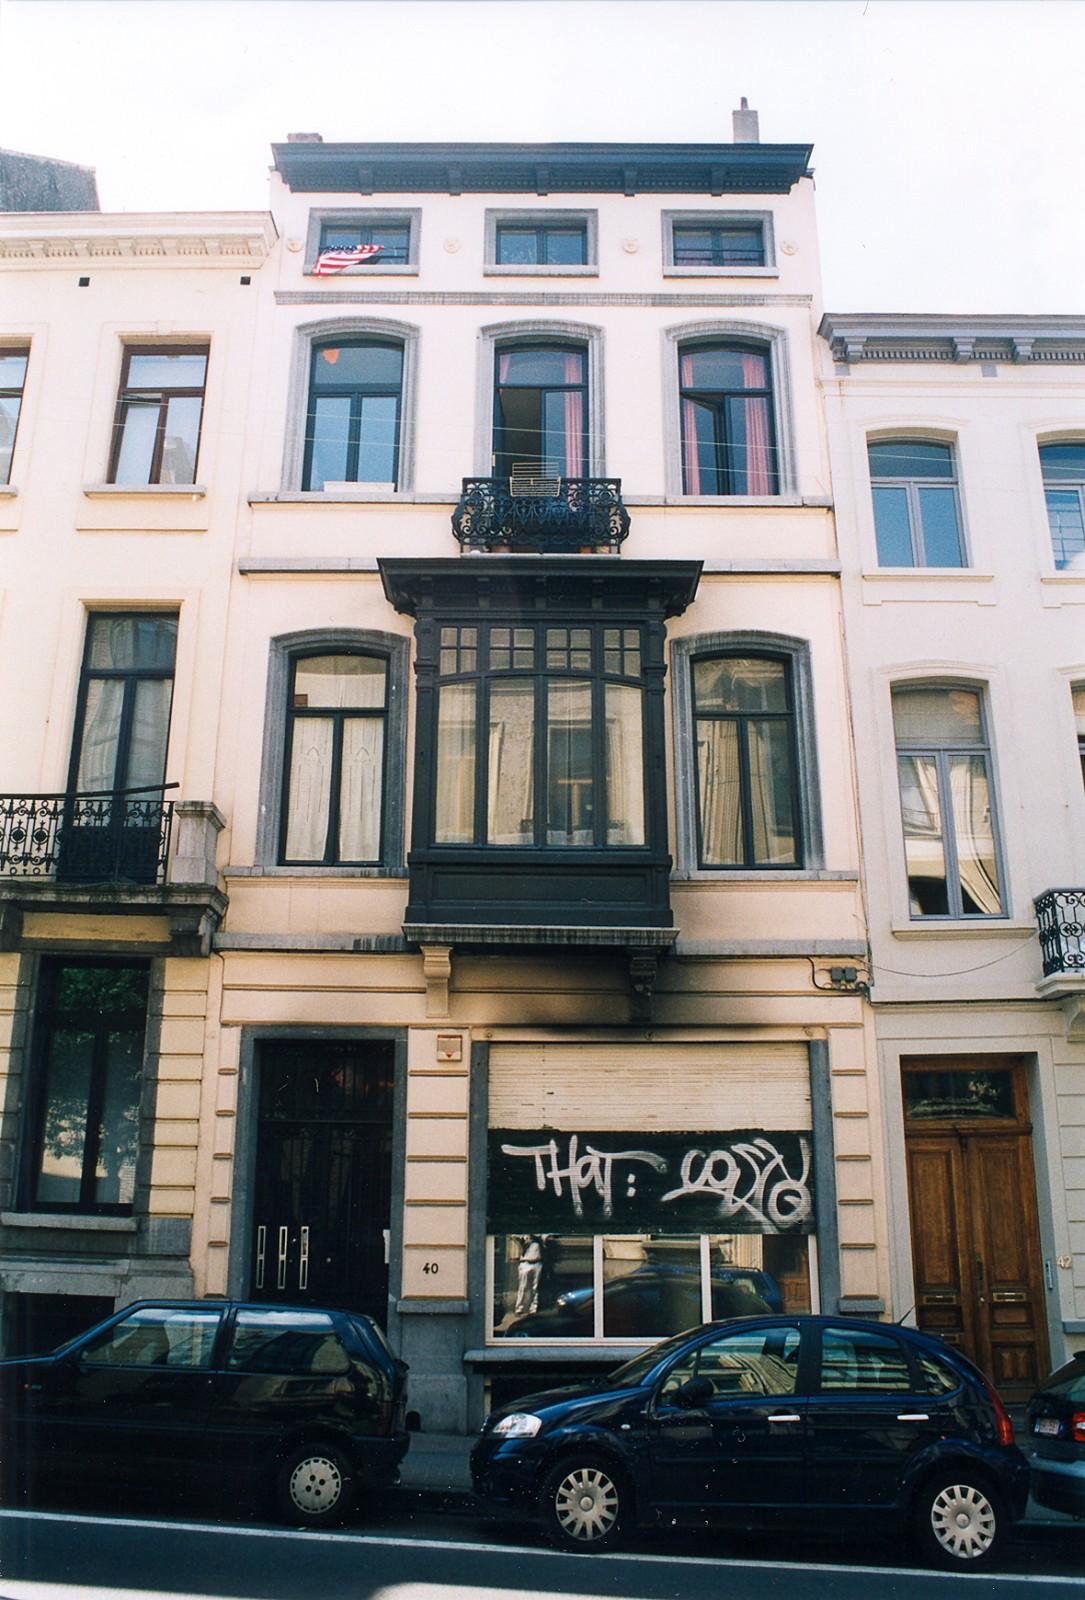 Berckmansstraat 40., 2003